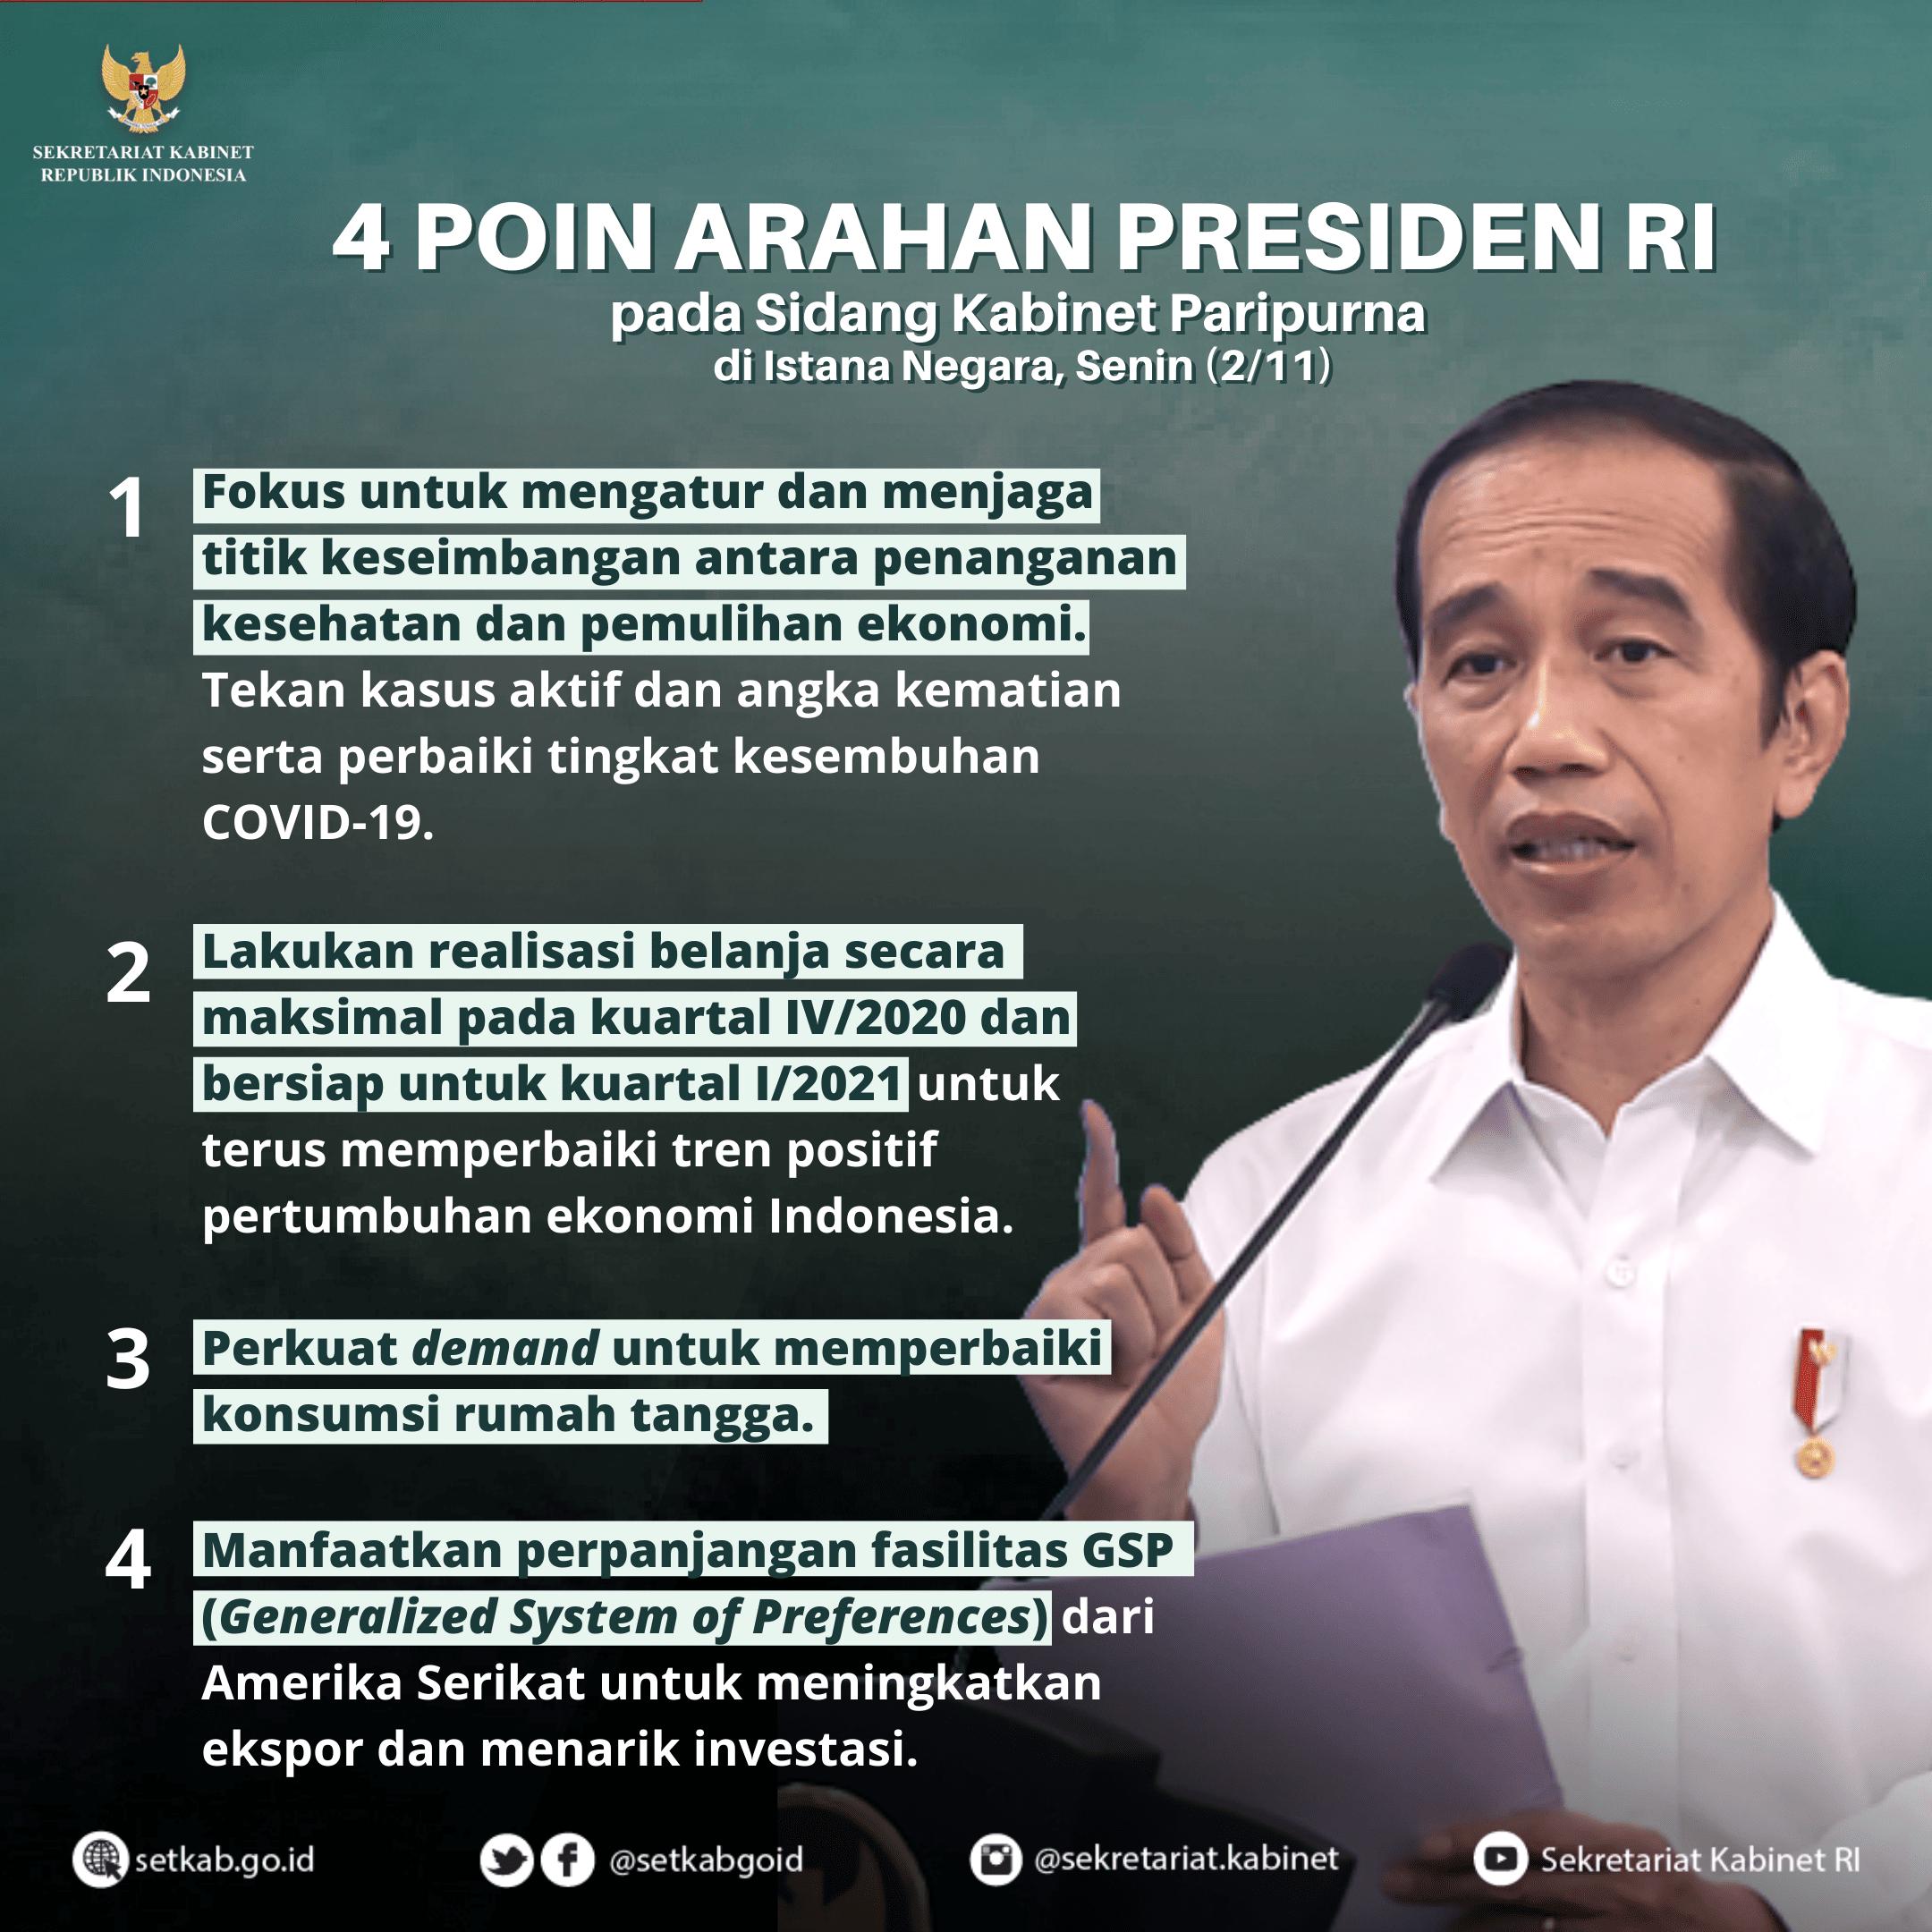 Arahan Presiden Joko Widodo pada Sidang Kabinet Paripurna, Senin (2/11)